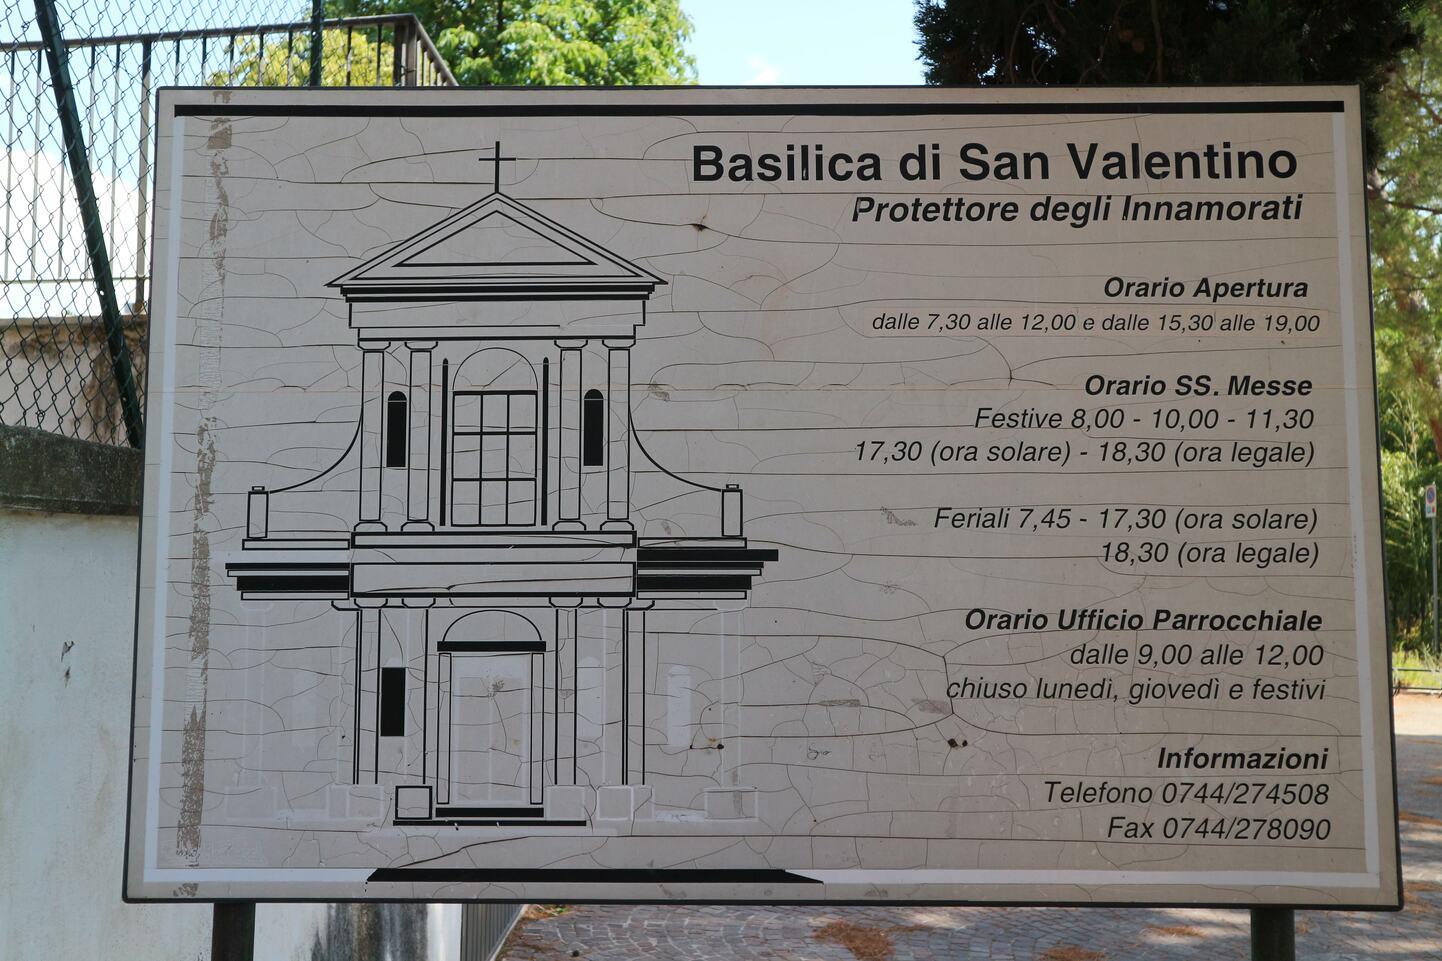 説明には「Protettore degli innamorati=恋人の守護者」と書かれている